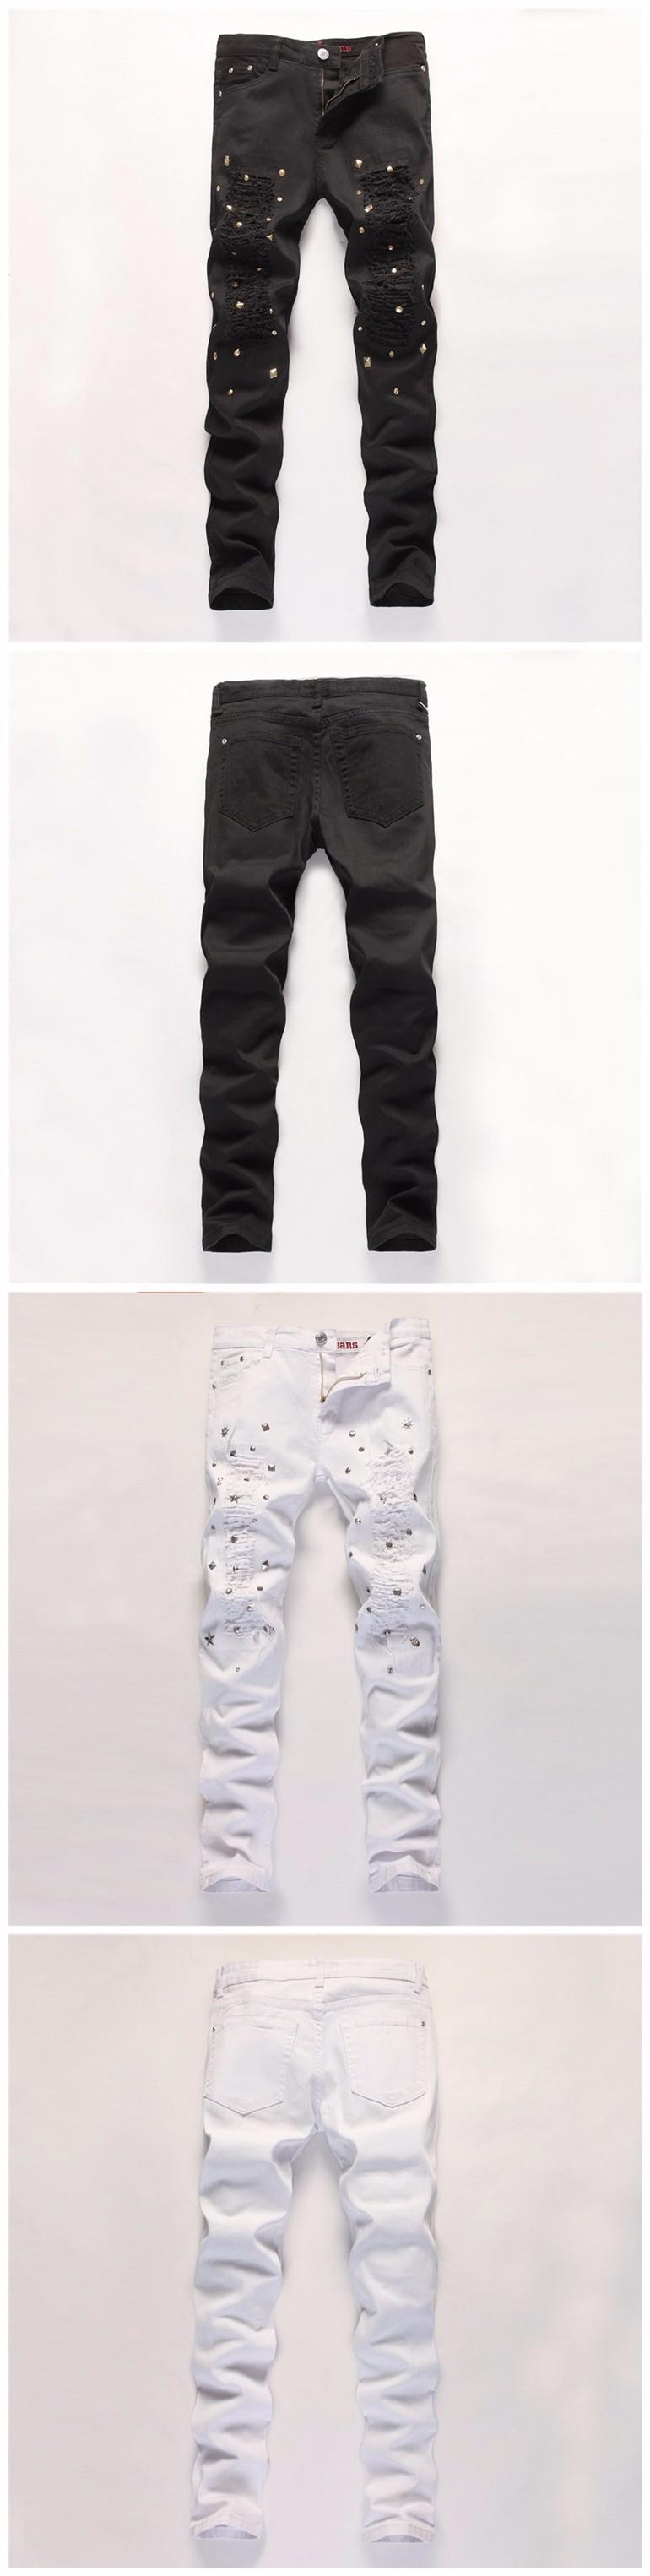 Rivet Jeans Homme Ripped Hip Hop Jeggings Holes Runway Joggers Pantalones Vaqueros Hombre White Black Denim Pants Slim Trousers